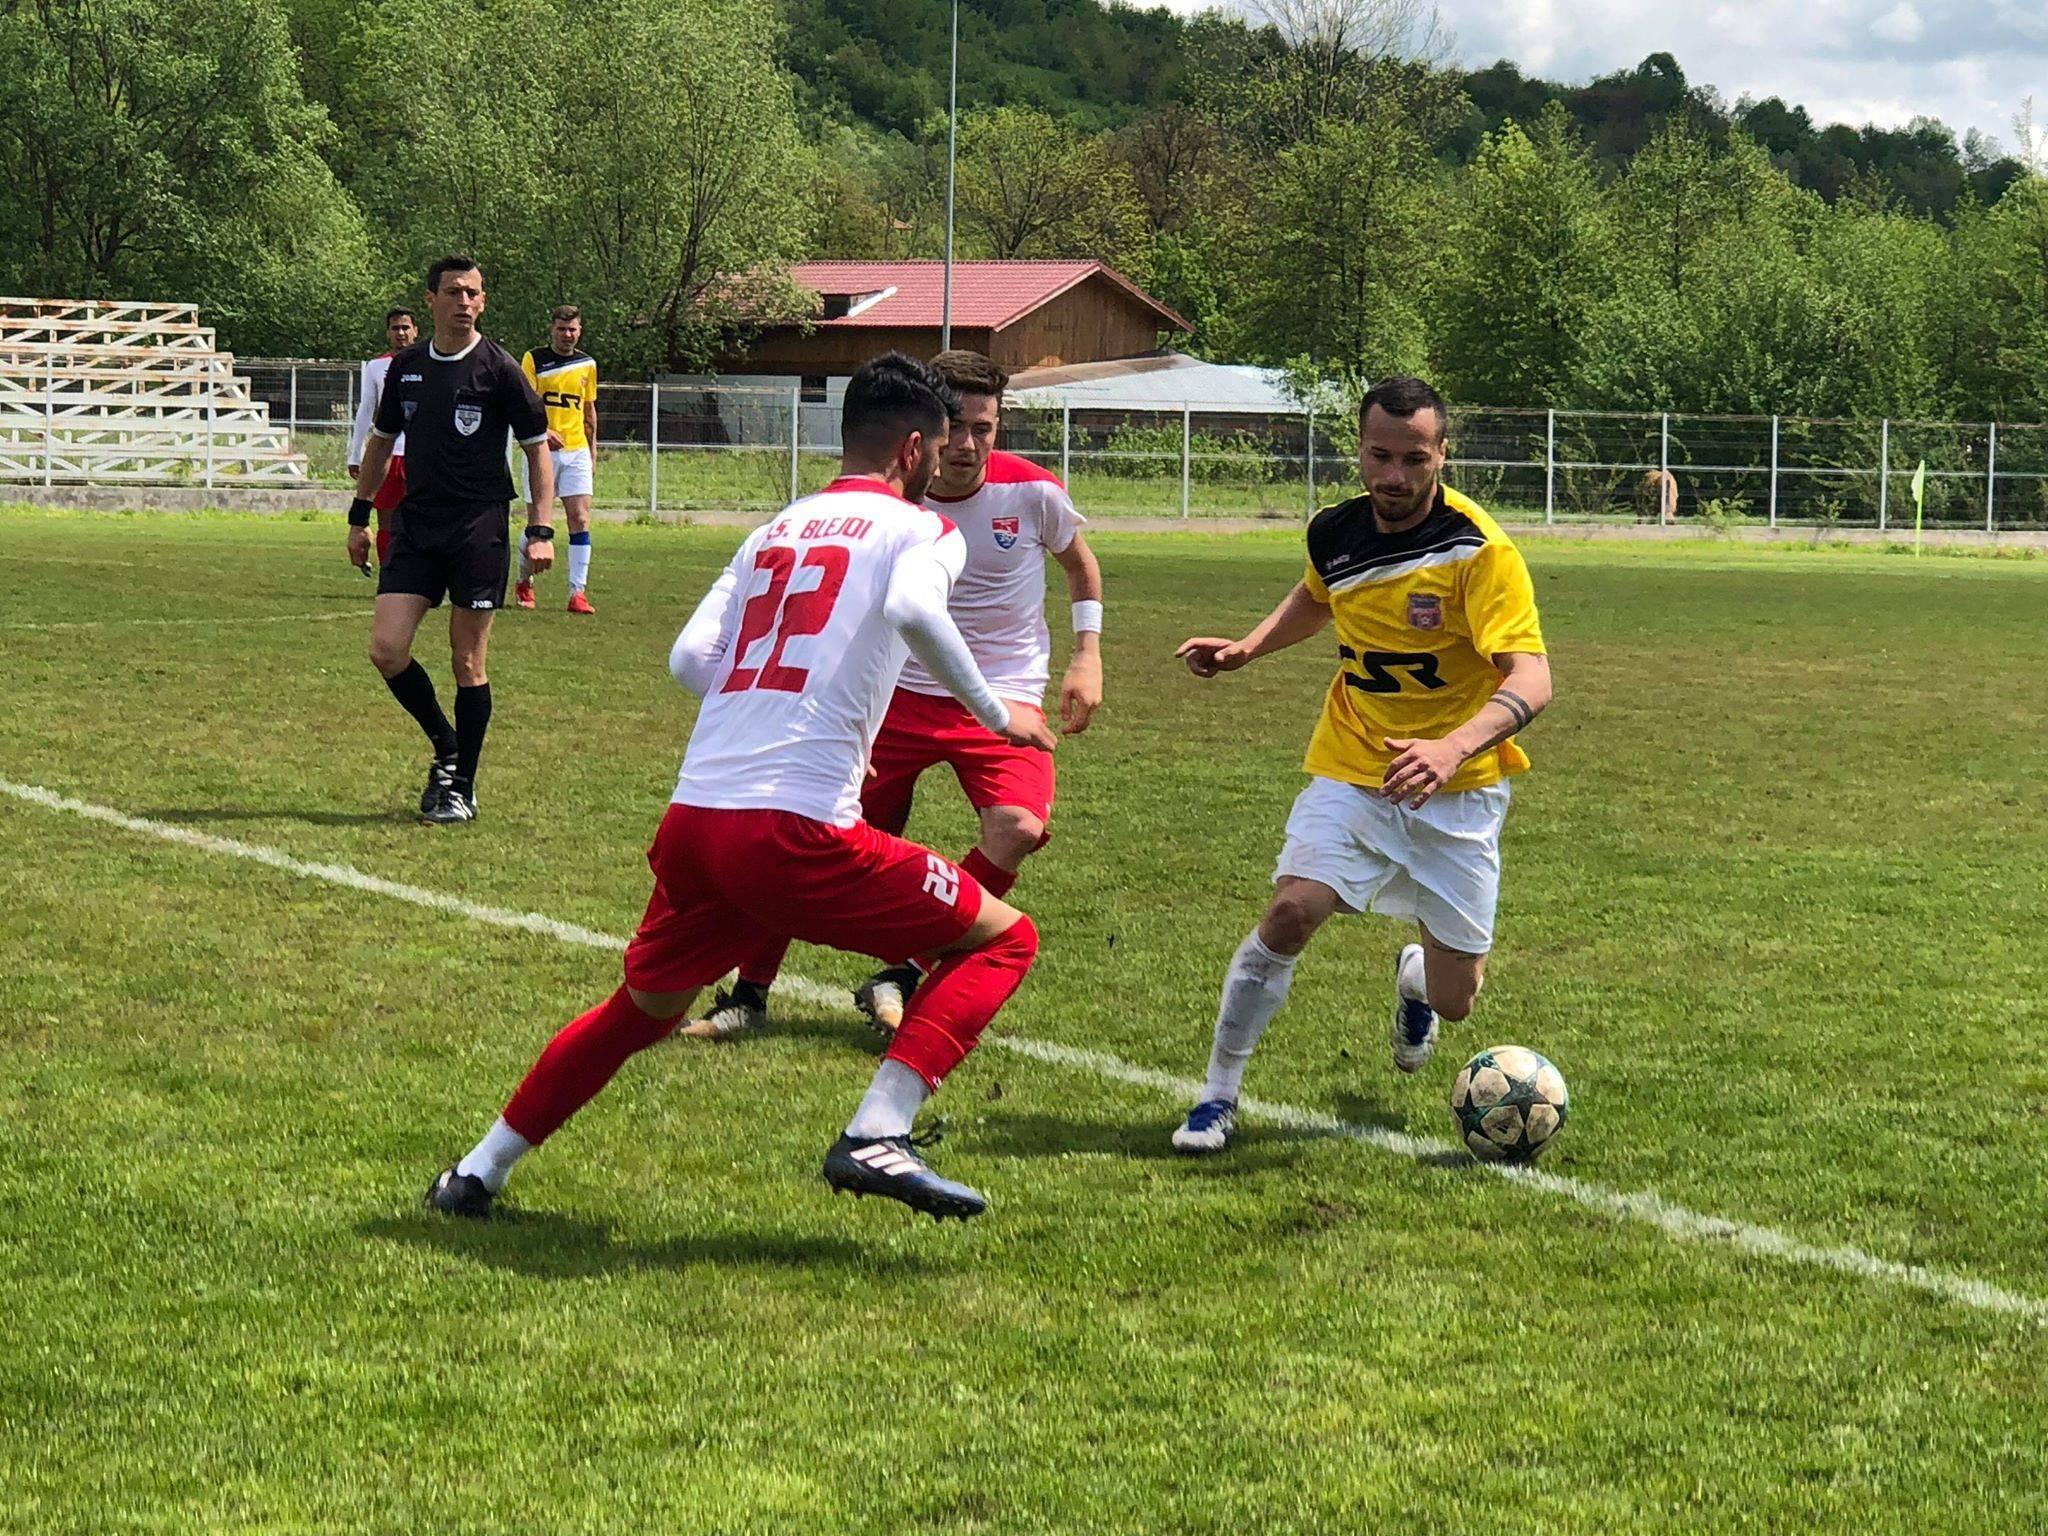 Ca și CFR Cluj în L1, campioana… Ligii A Prahova, CS Blejoi, și-a apărat, duminică, titlul cucerit în primăvara anului 2018!